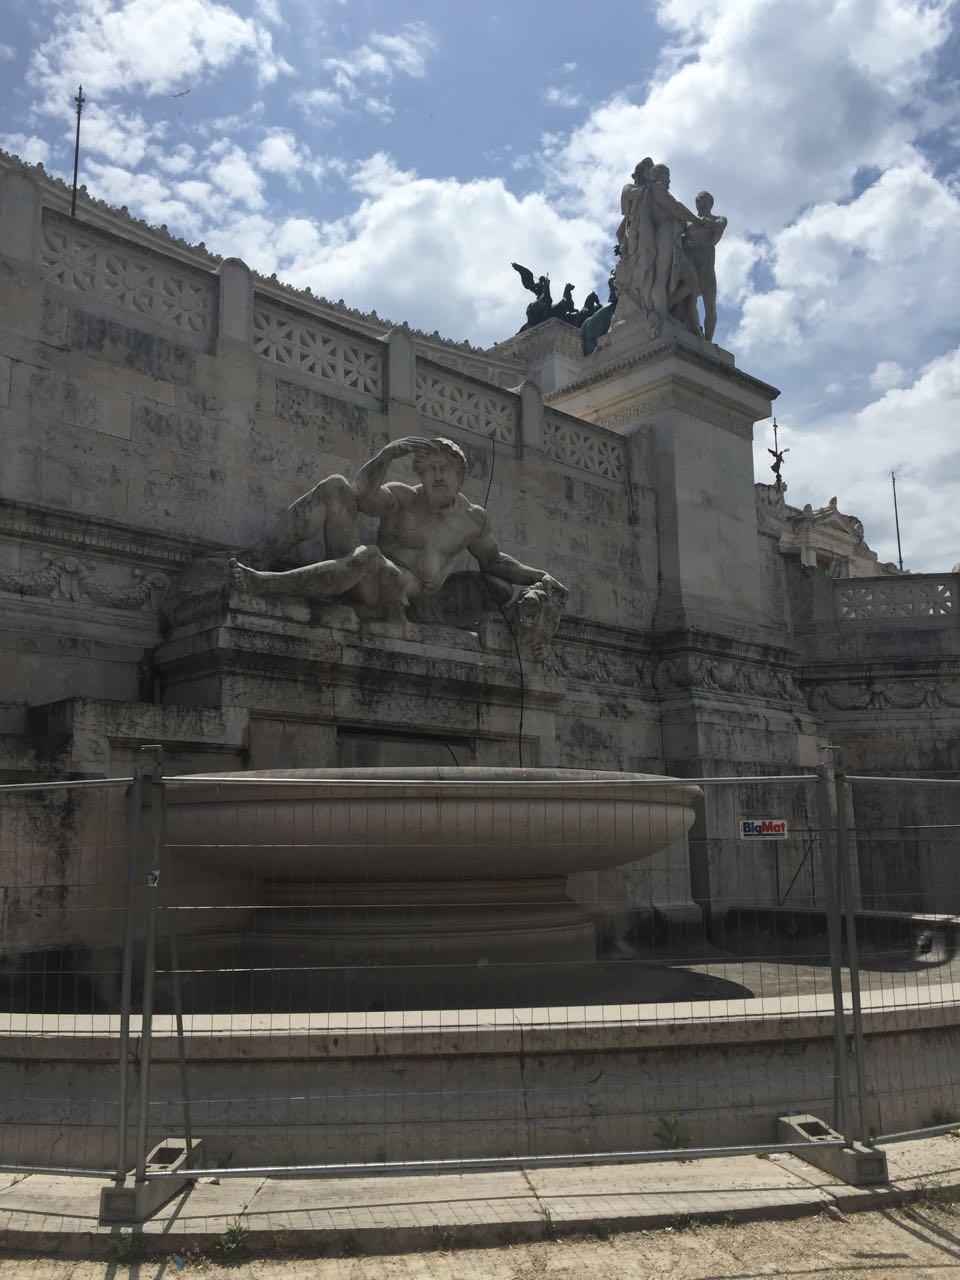 1FT Rome Italy - Campitelli - Lazio, May 20, 2015 - 14 of 75